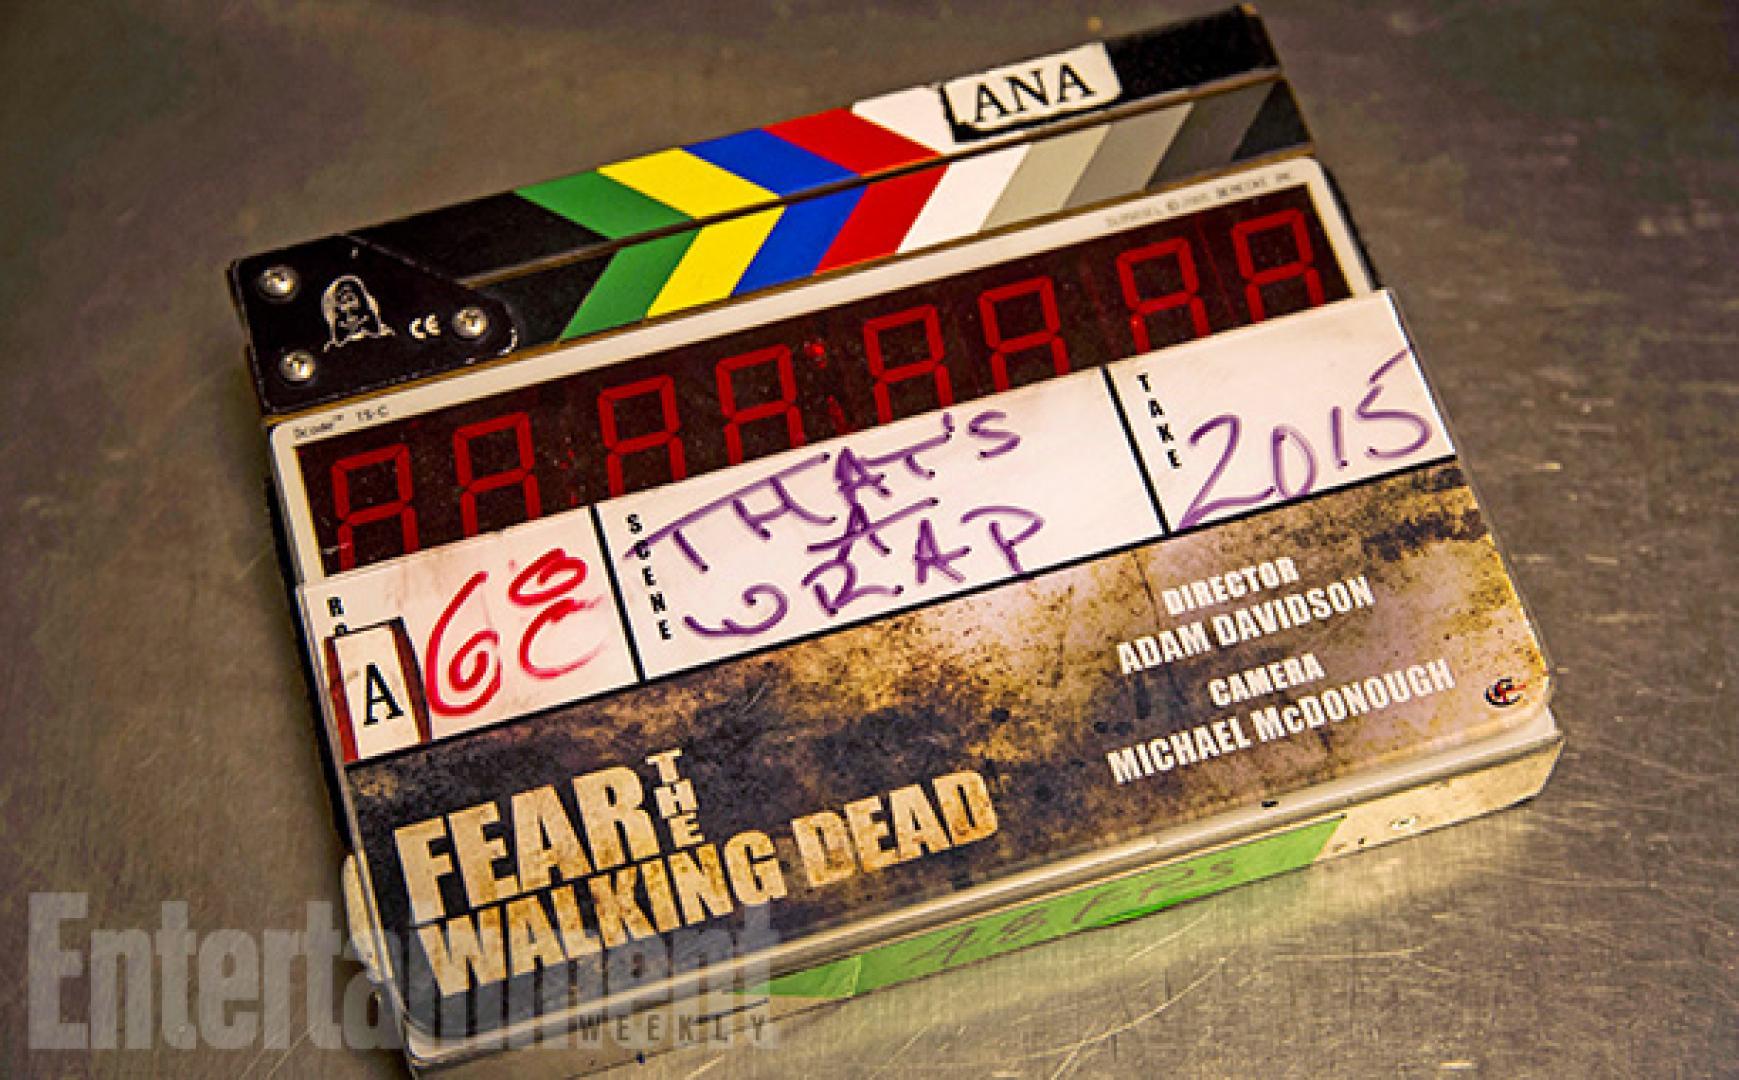 Képek a Fear the Walking Dead forgatásáról